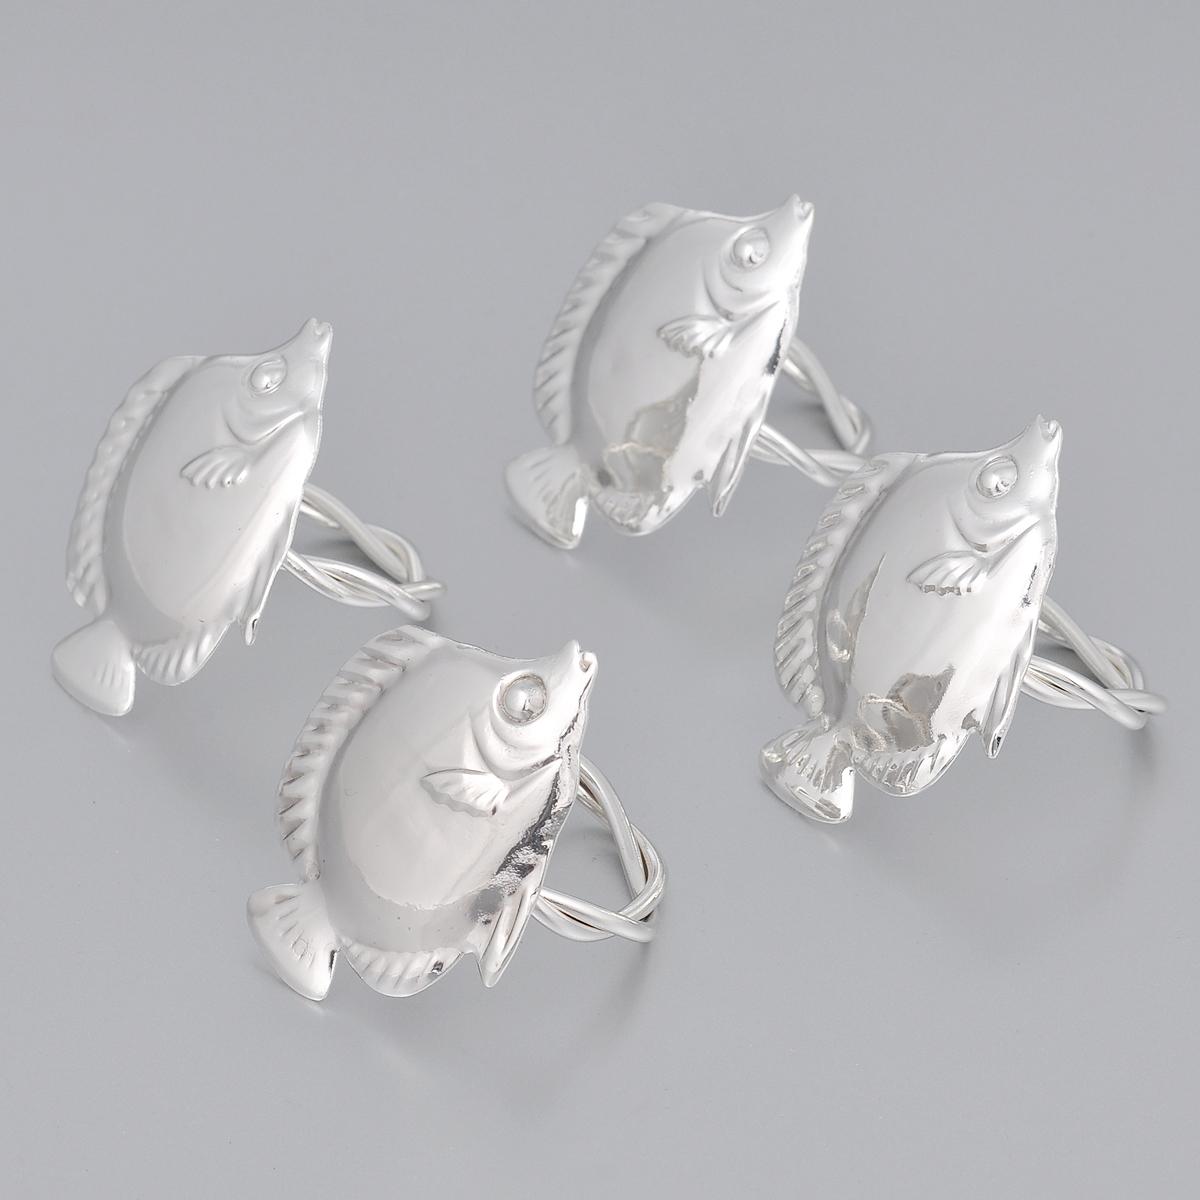 Набор колец для салфеток Marquis Рыбки, 4 штFS-91909Набор Marquis Рыбки состоит из четырех оригинальных колец для салфеток, выполненных с простотой и изяществом. Кольца изготовлены из стали с серебряно-никелевым покрытием и украшены фигурками в виде рыбки.Набор станет замечательной деталью сервировки и великолепным украшением праздничного стола.Диаметр кольца: 4,5 см. Размер декоративной части: 6,5 см х 5 см.